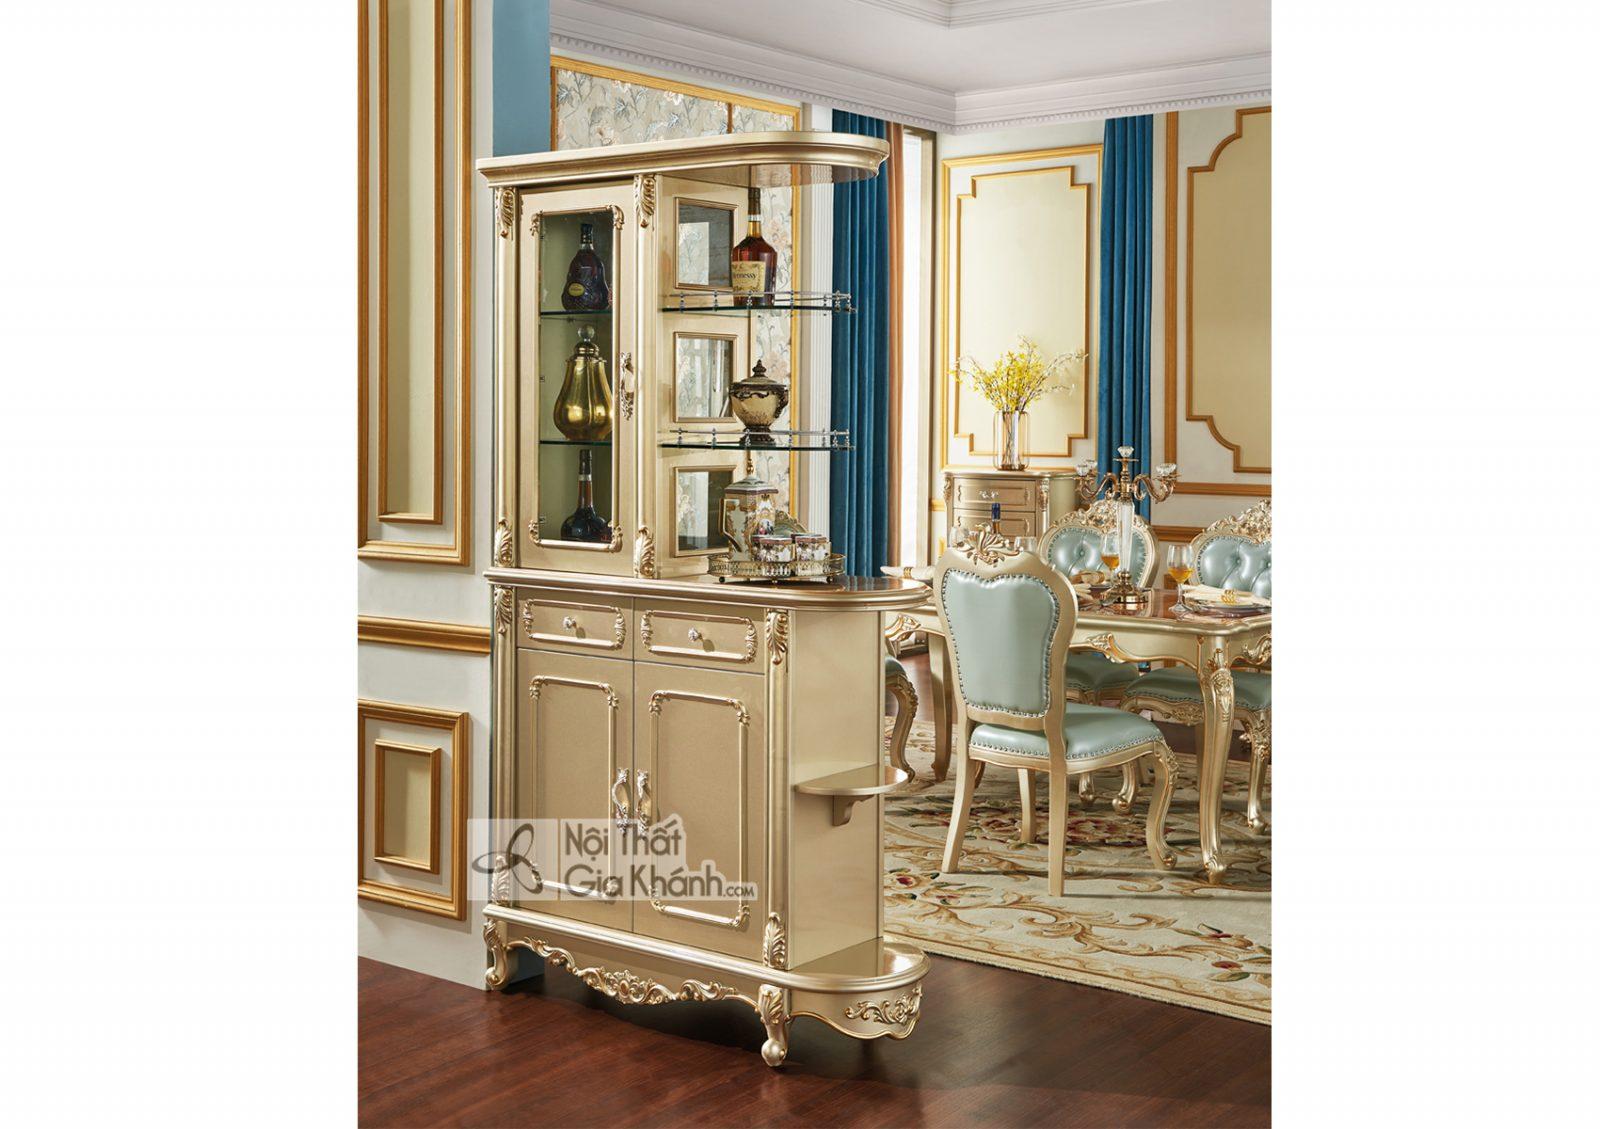 Tủ rượu 2 mặt Tân cổ điển màu vàng rượu Sampanh TR8801A-2 sang trọng hoàn mỹ